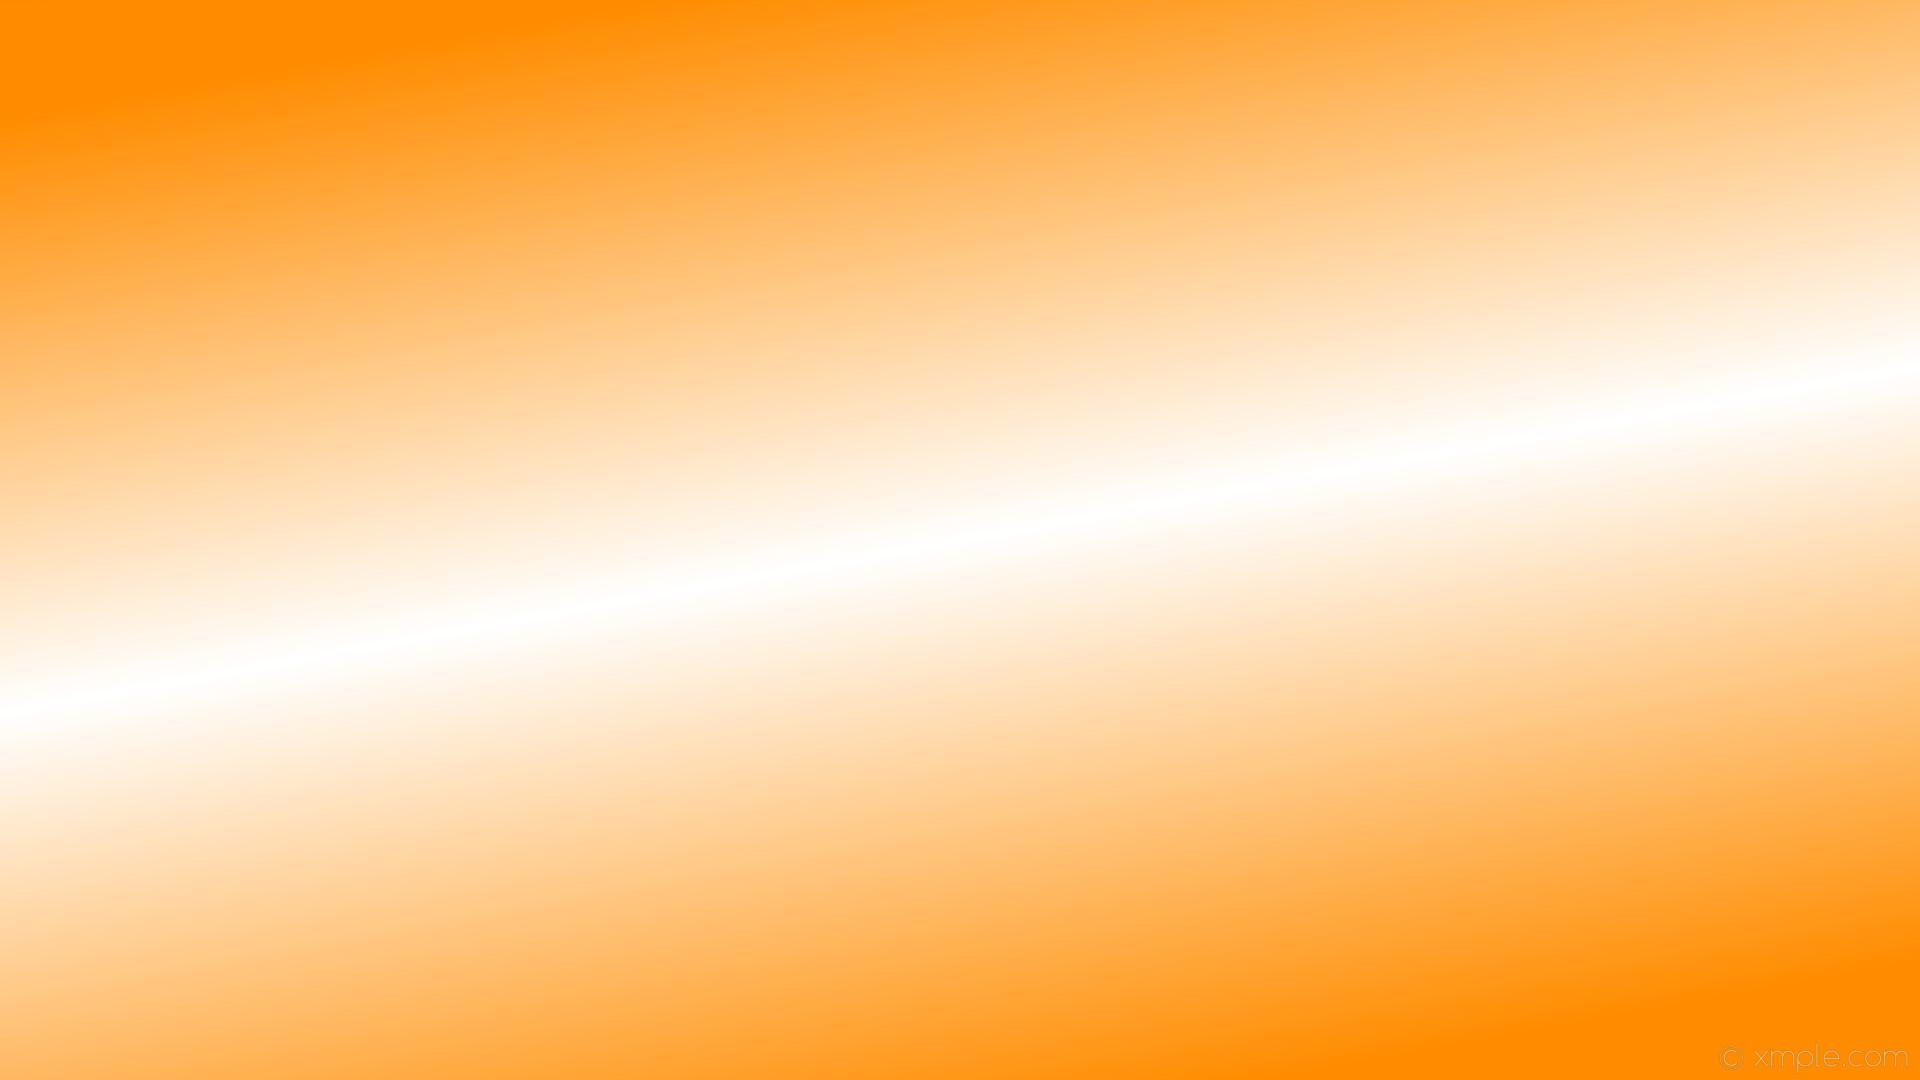 wallpaper highlight linear gradient orange white dark orange #ff8c00  #ffffff 120° 50%